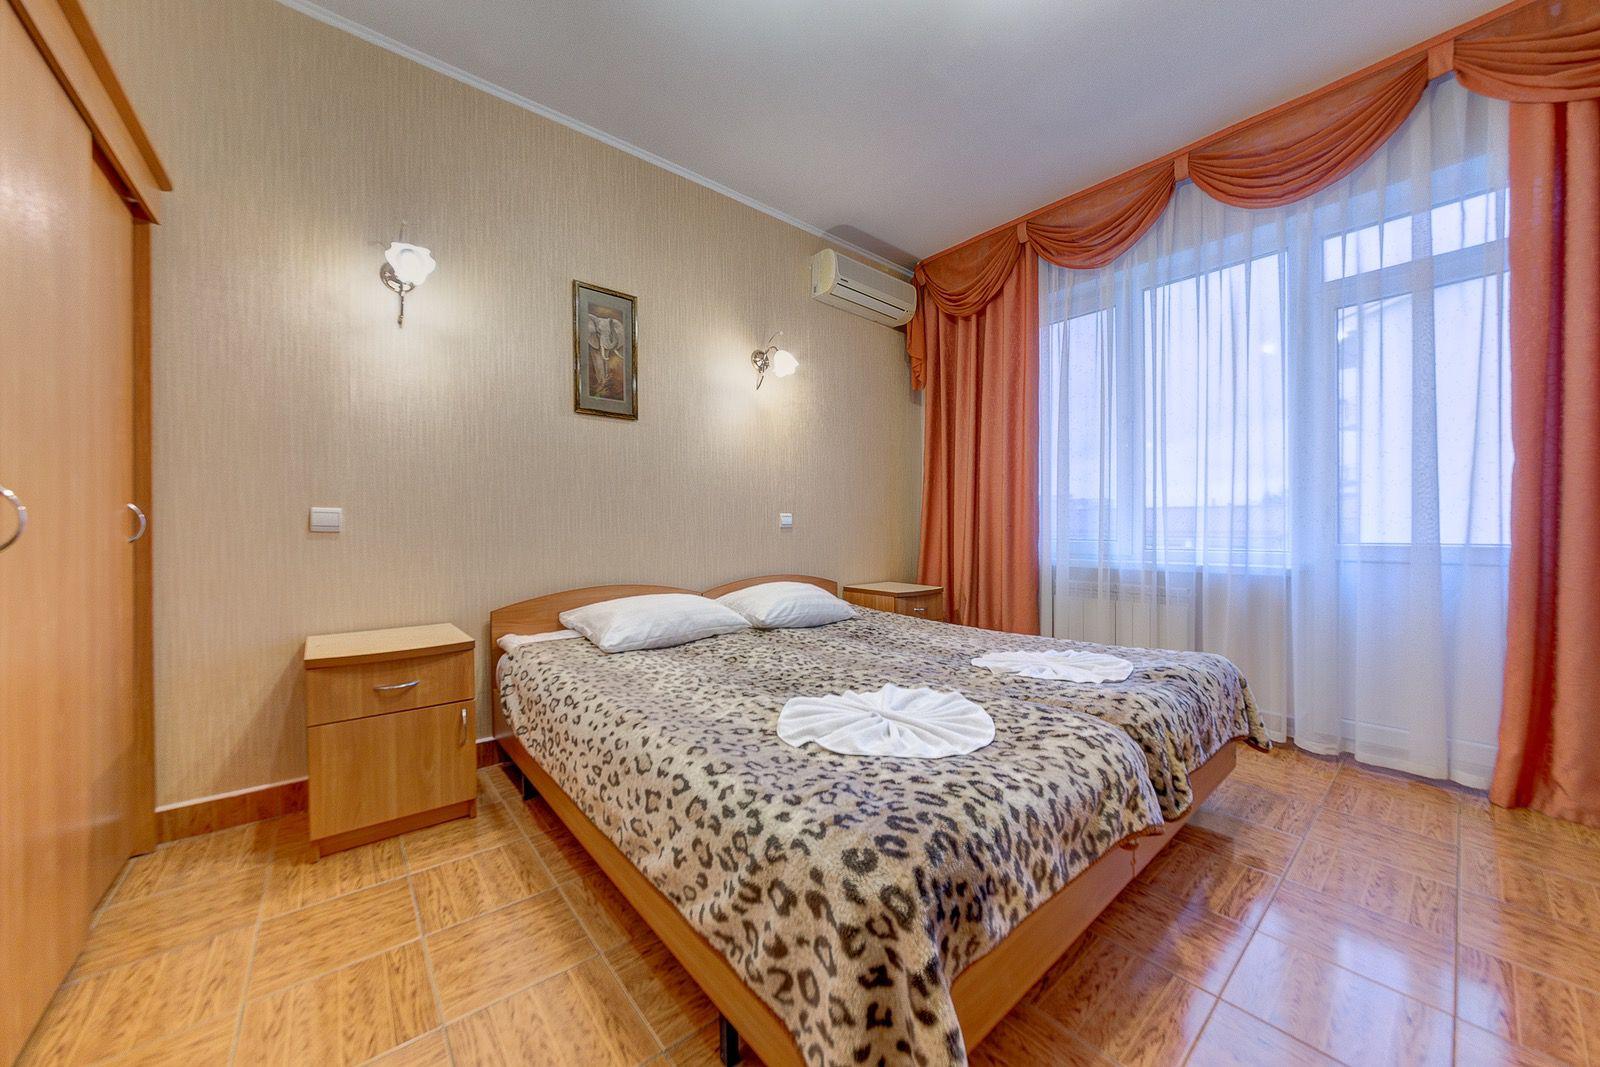 Гостиница «Маргарита», 1-й корпус, 1-комнатный «Стандарт»